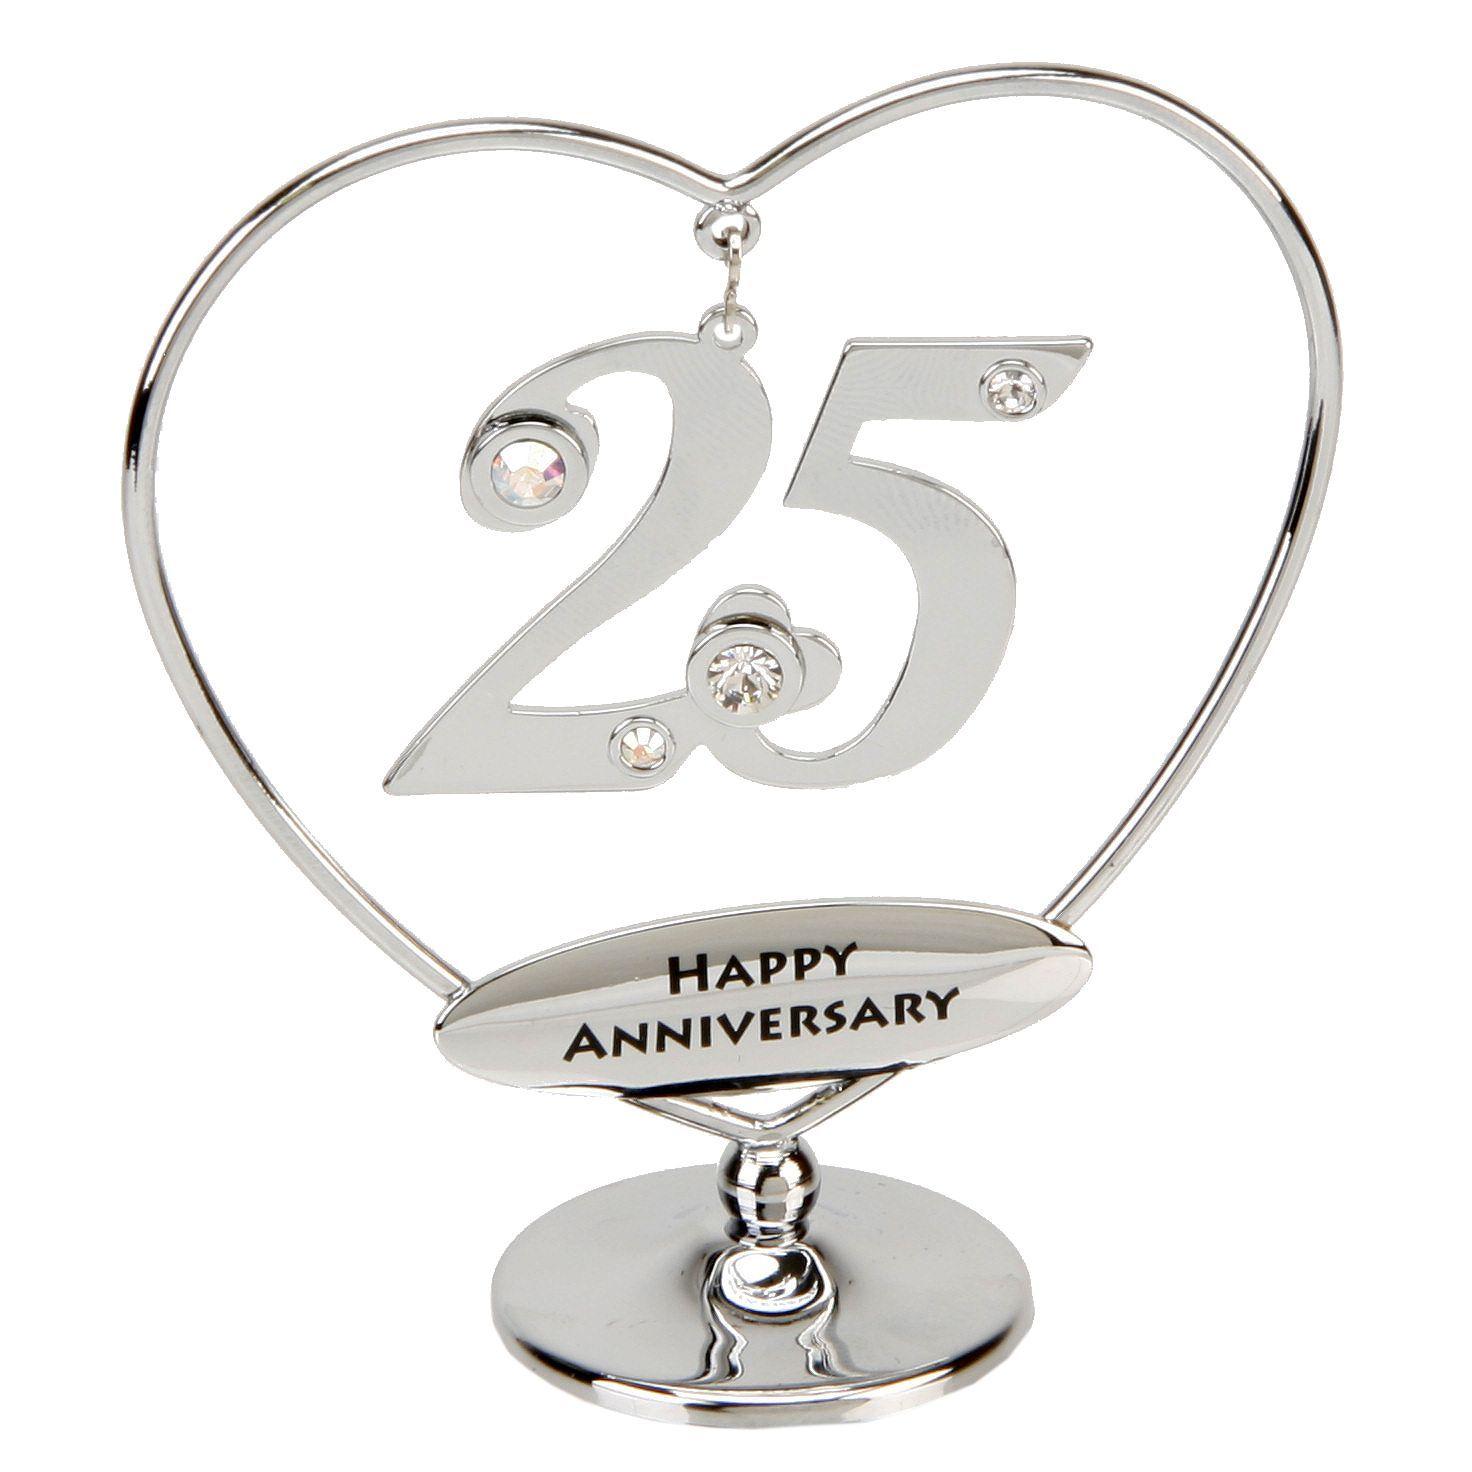 Подарок родителям на 19 лет совместной жизни 92